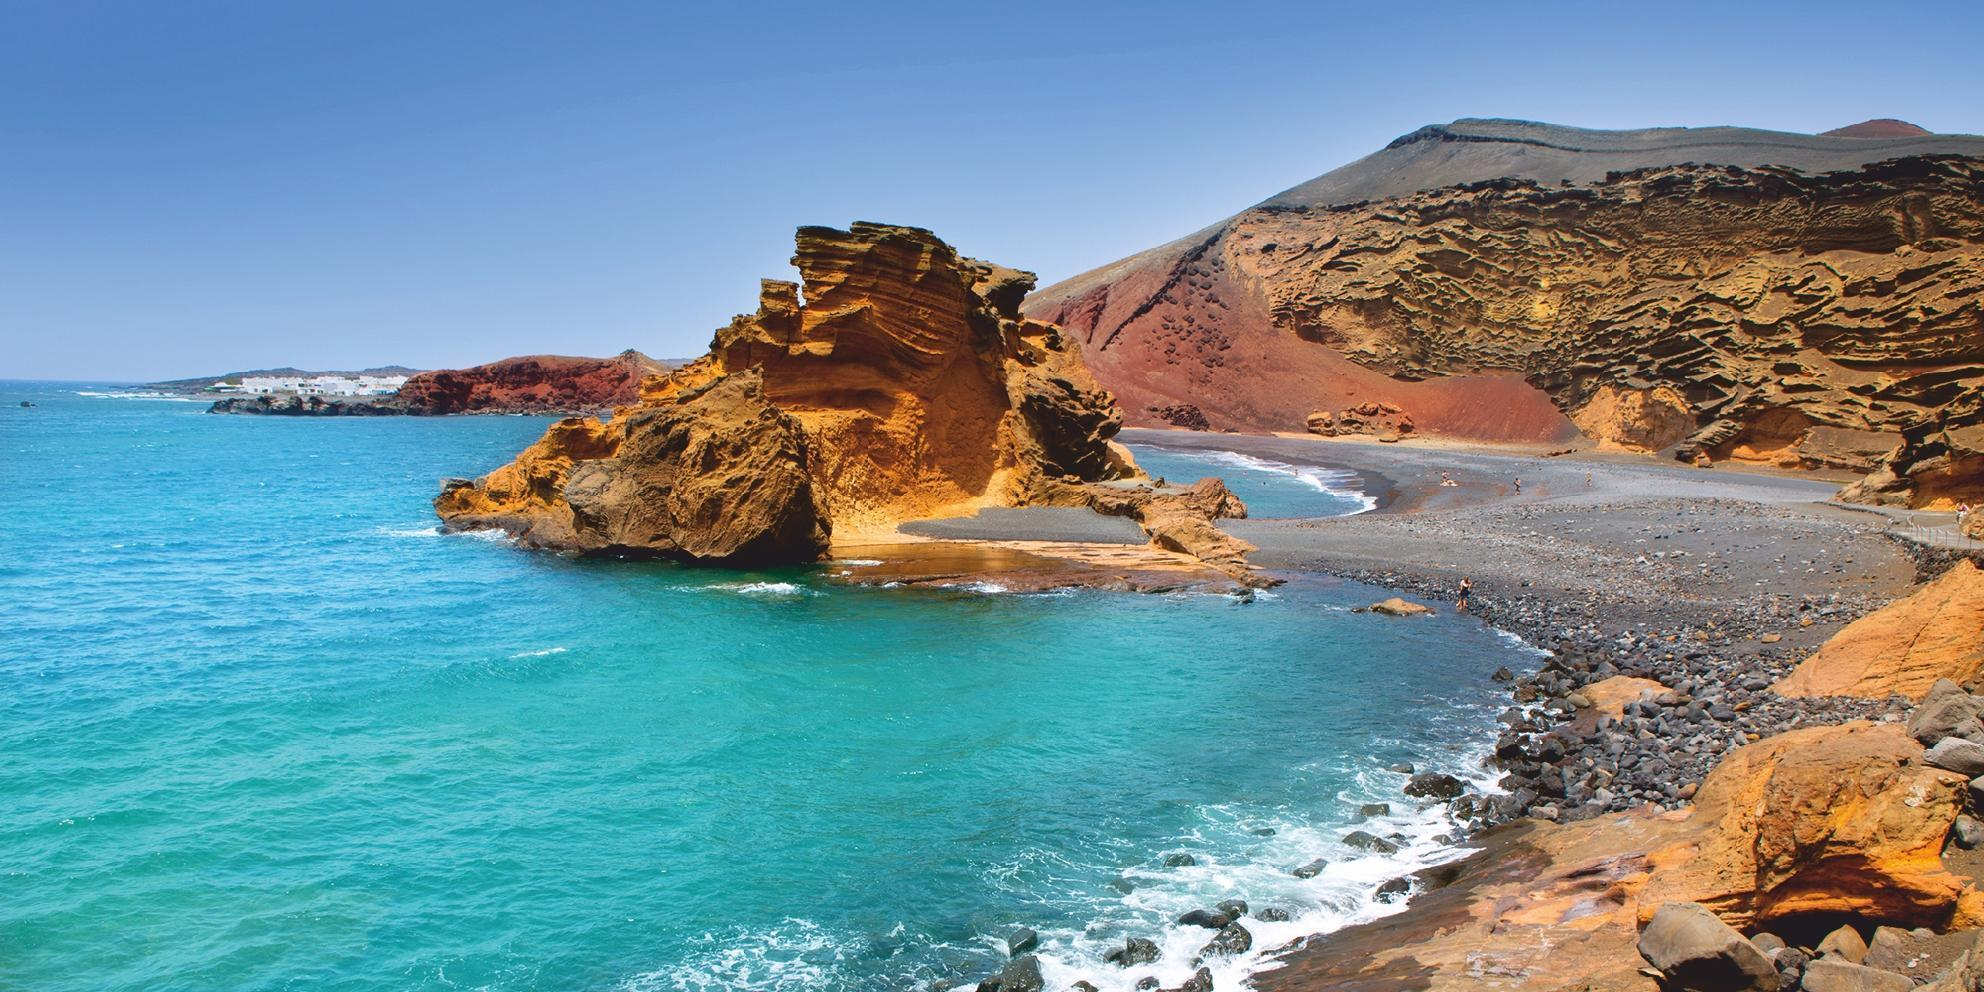 CANCO Lanzarote